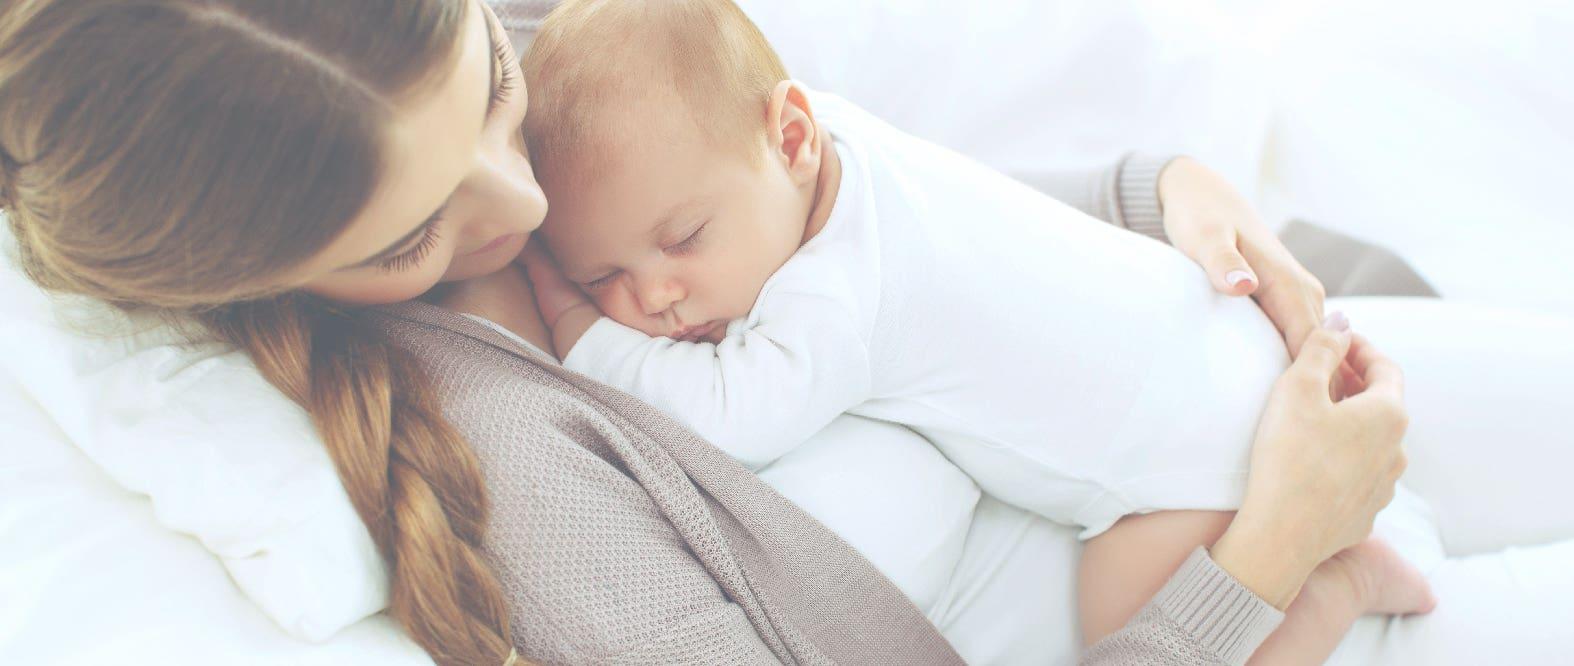 ¿Por qué es tan importante el afecto y el tacto para un niño?